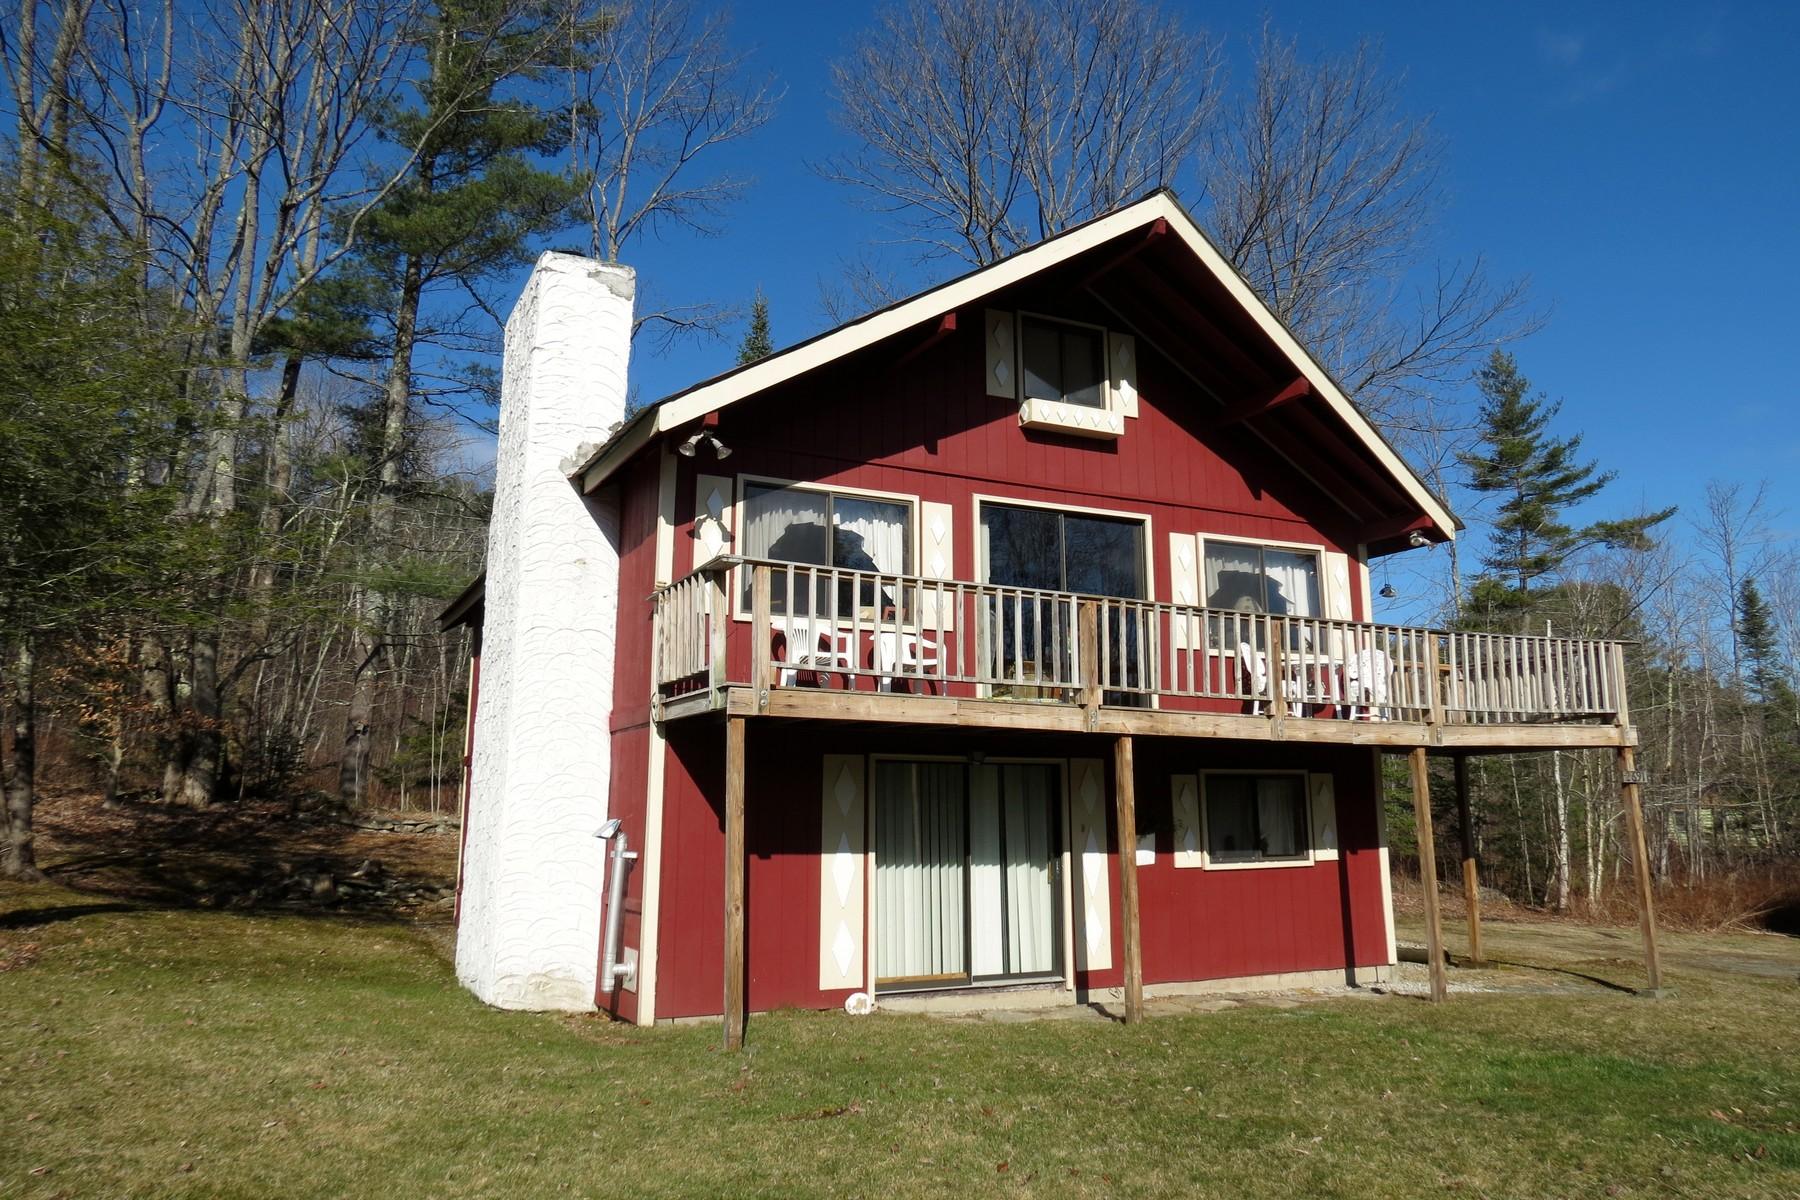 Частный односемейный дом для того Продажа на Easy Access to the Mountains 2691 Route 100 Londonderry, Вермонт, 05155 Соединенные Штаты